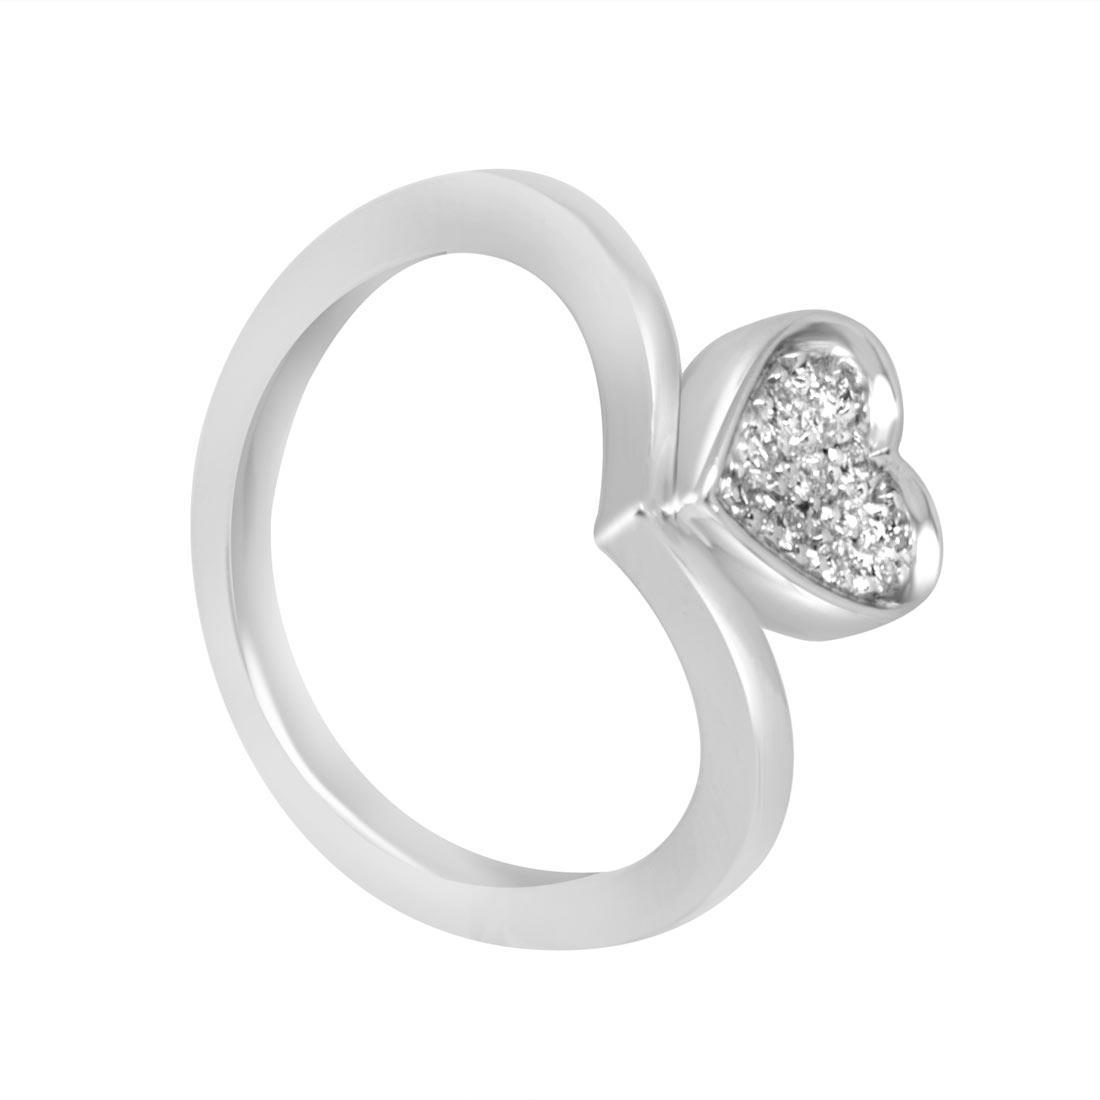 Anello in oro bianco a forma di cuore con diamante ct 0.13  misura 14 - SALVINI